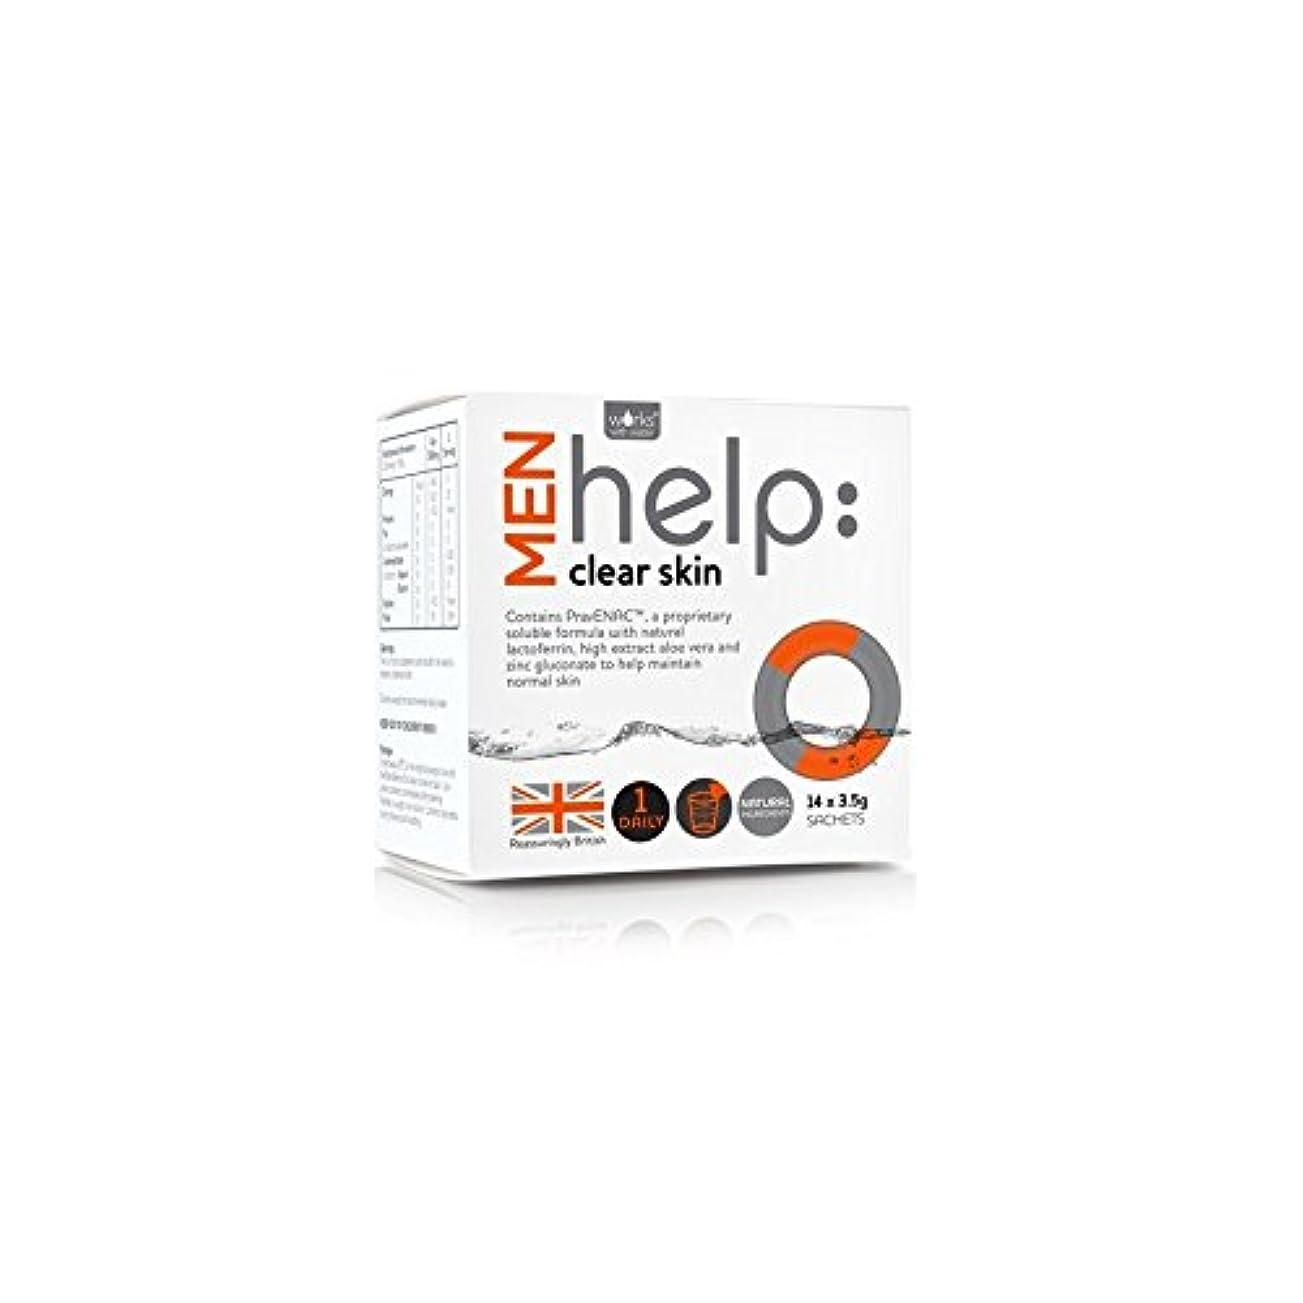 マウスバイアスモッククリアな肌可溶性サプリメント(14 3.5グラム):水男性の助けを借りて動作します x2 - Works With Water Men's Help: Clear Skin Soluble Supplement (14 X 3.5G) (Pack of 2) [並行輸入品]